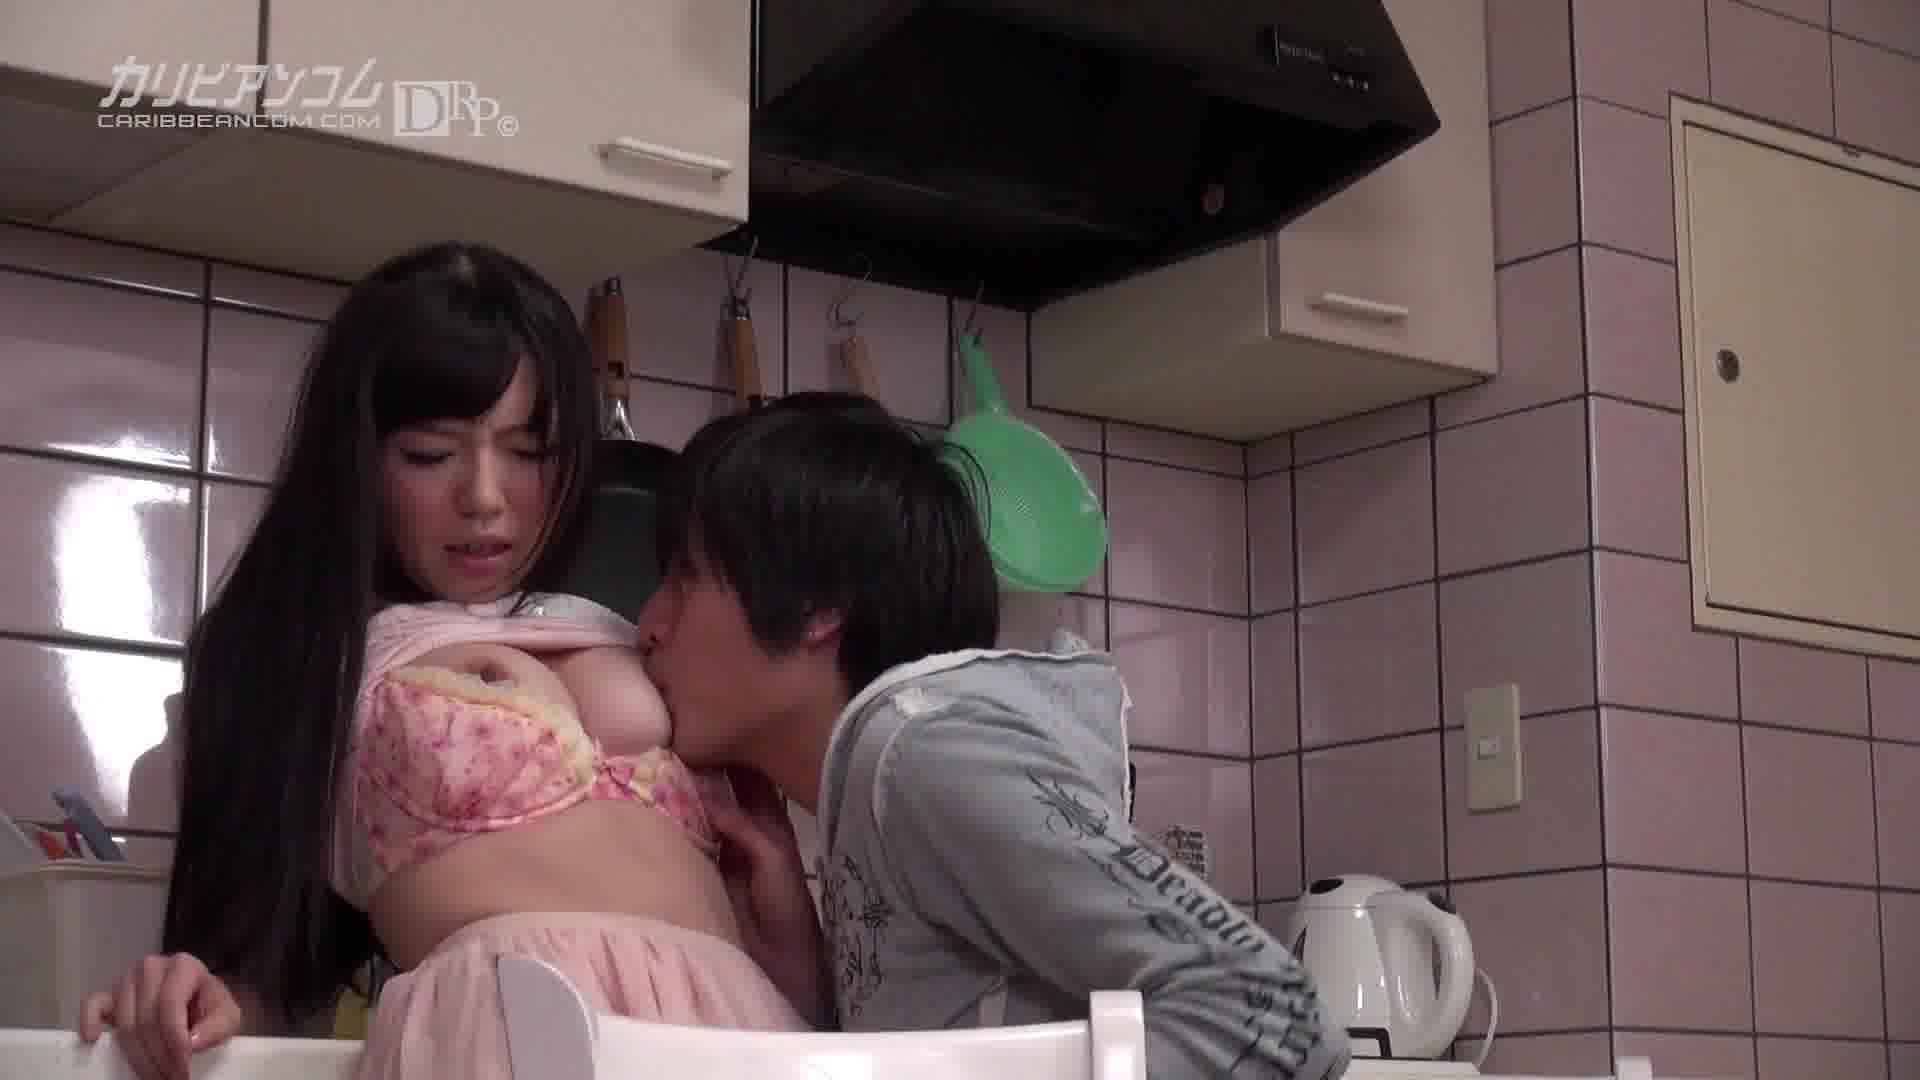 妹のおっぱいが妙にプルプルしていてエロ過ぎる件 - 宮崎由麻【巨乳・企画物・中出し】